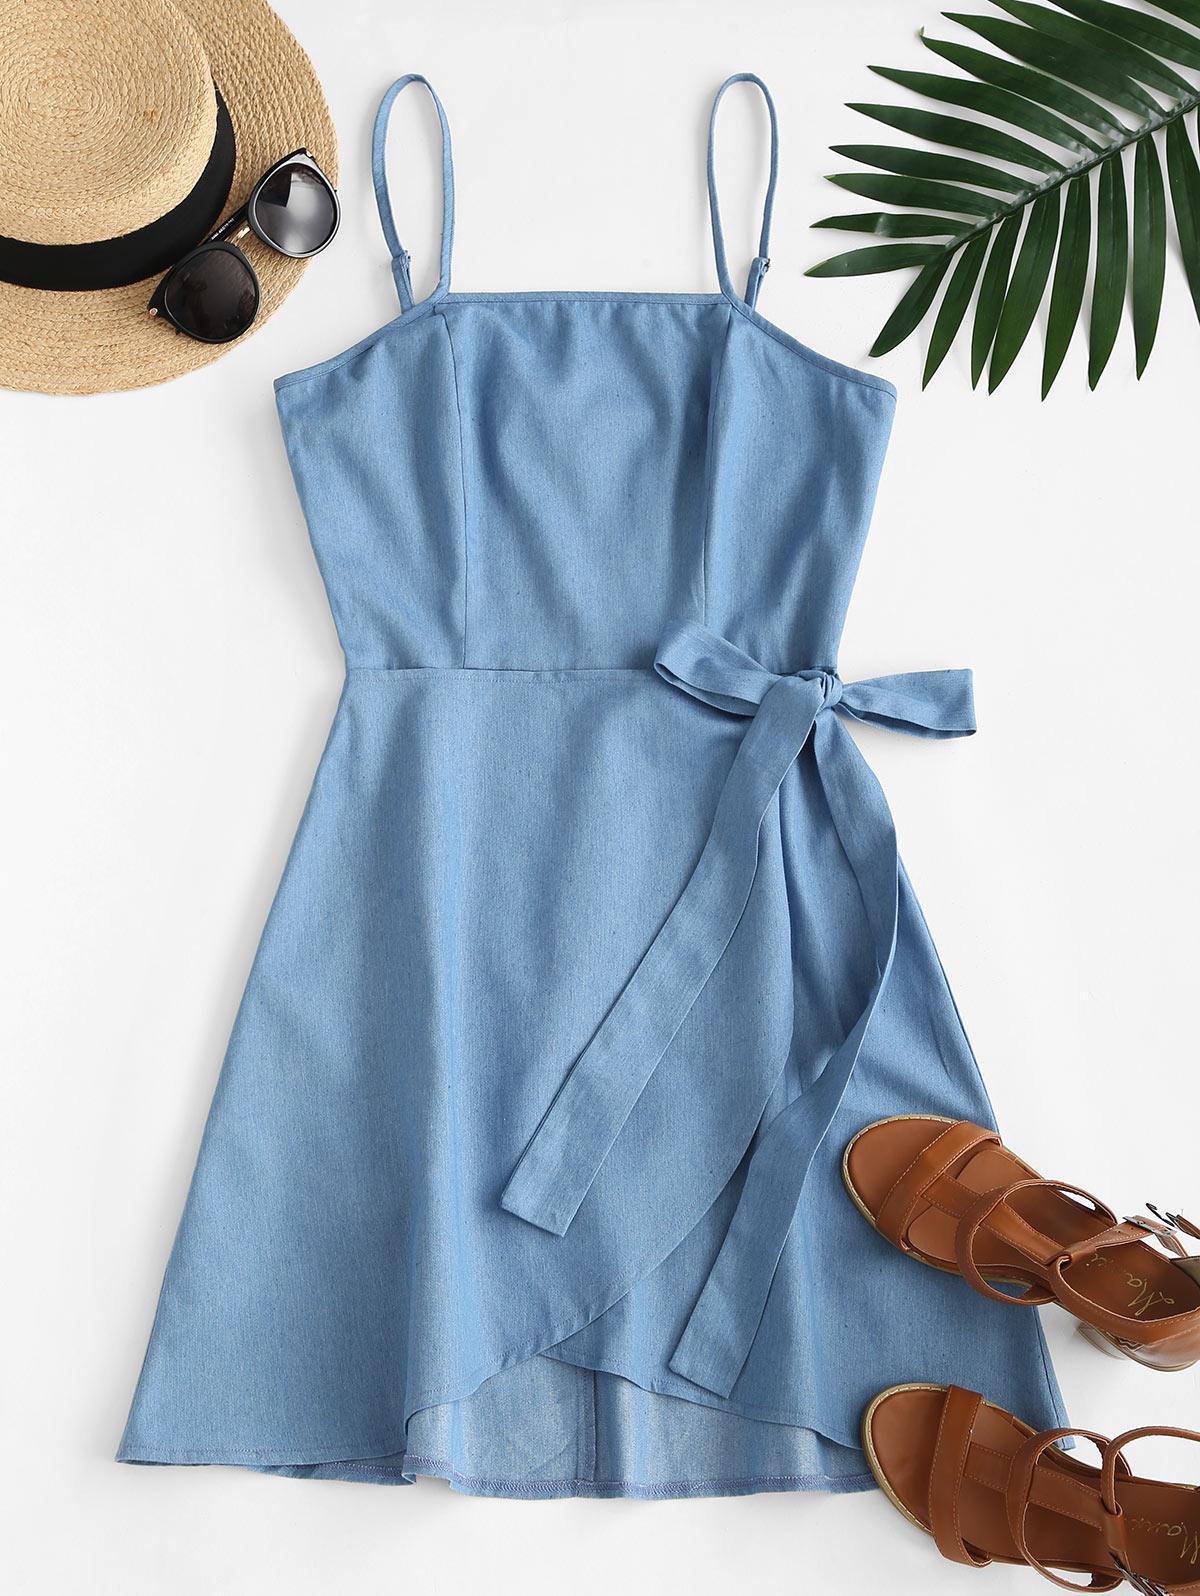 ZAFUL Overlay Tie Chambray Cami Dress